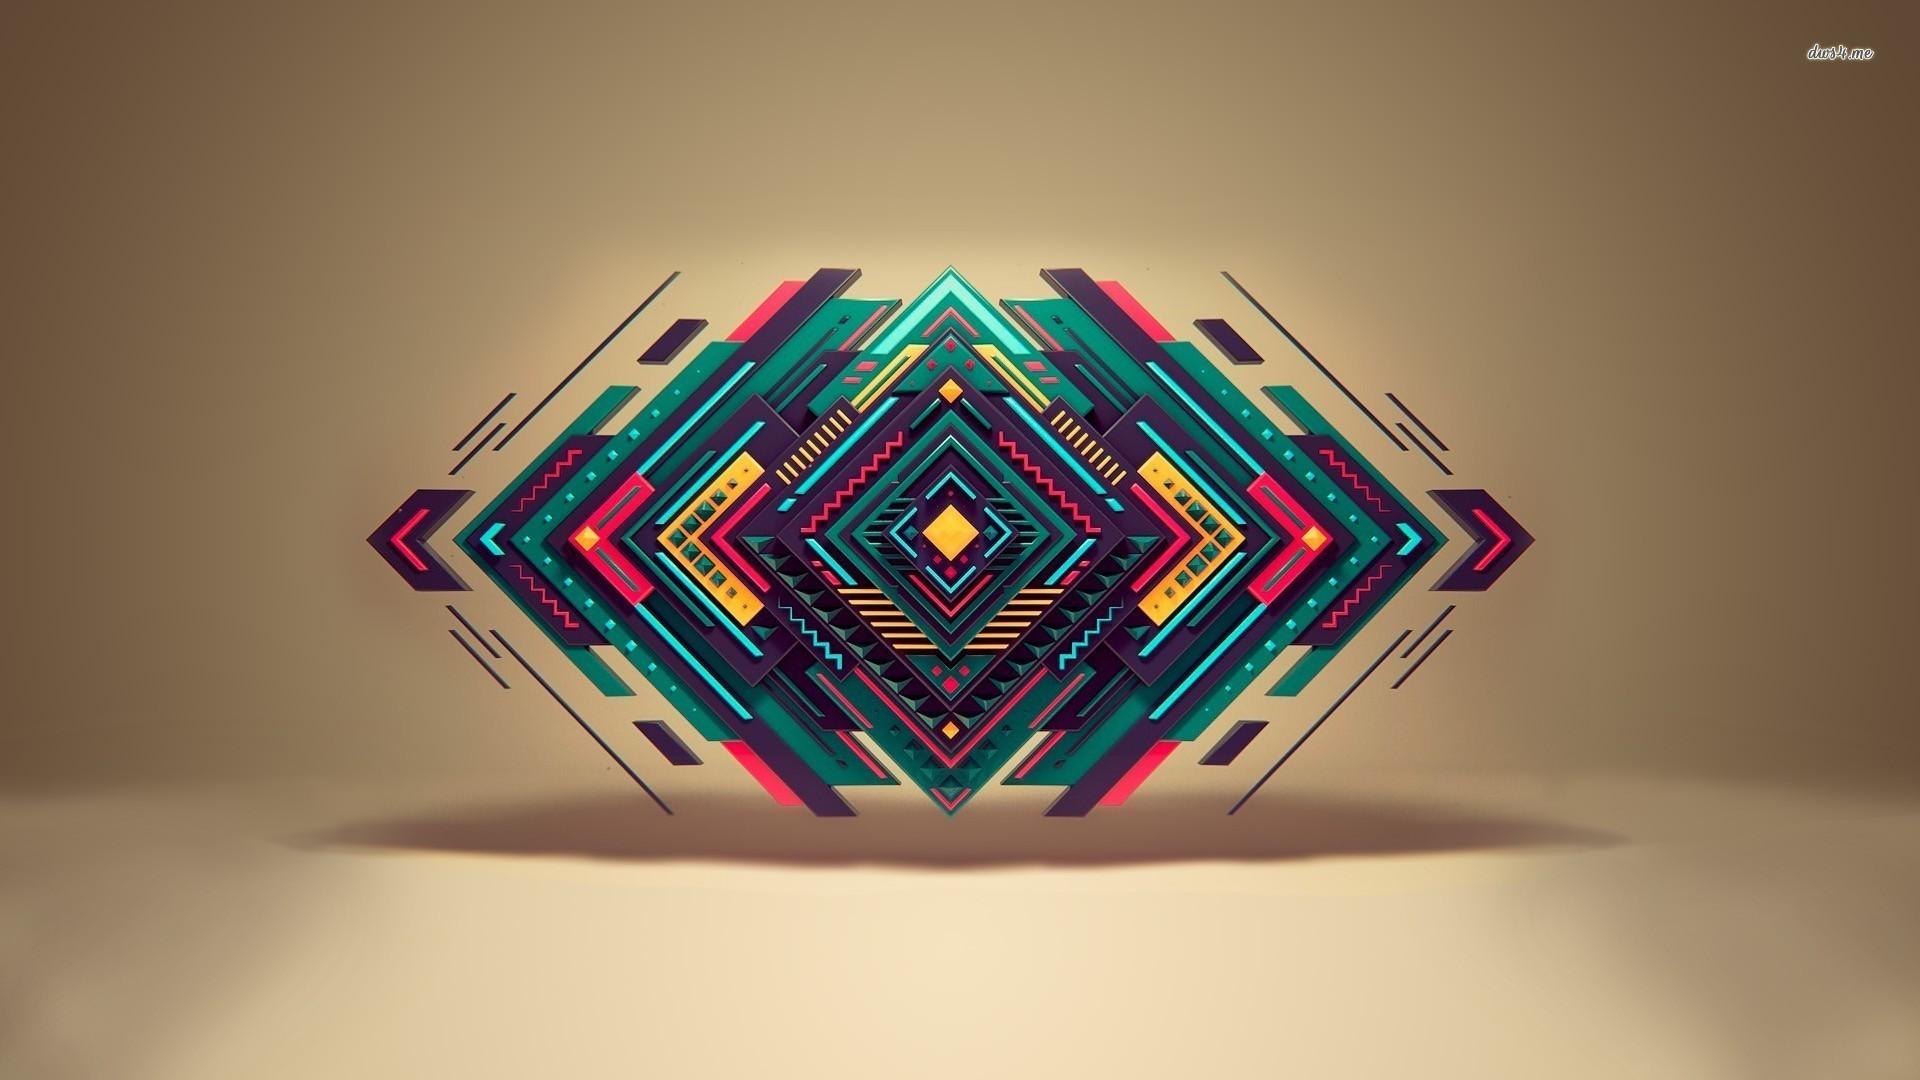 3D Shapes Wallpaper-7